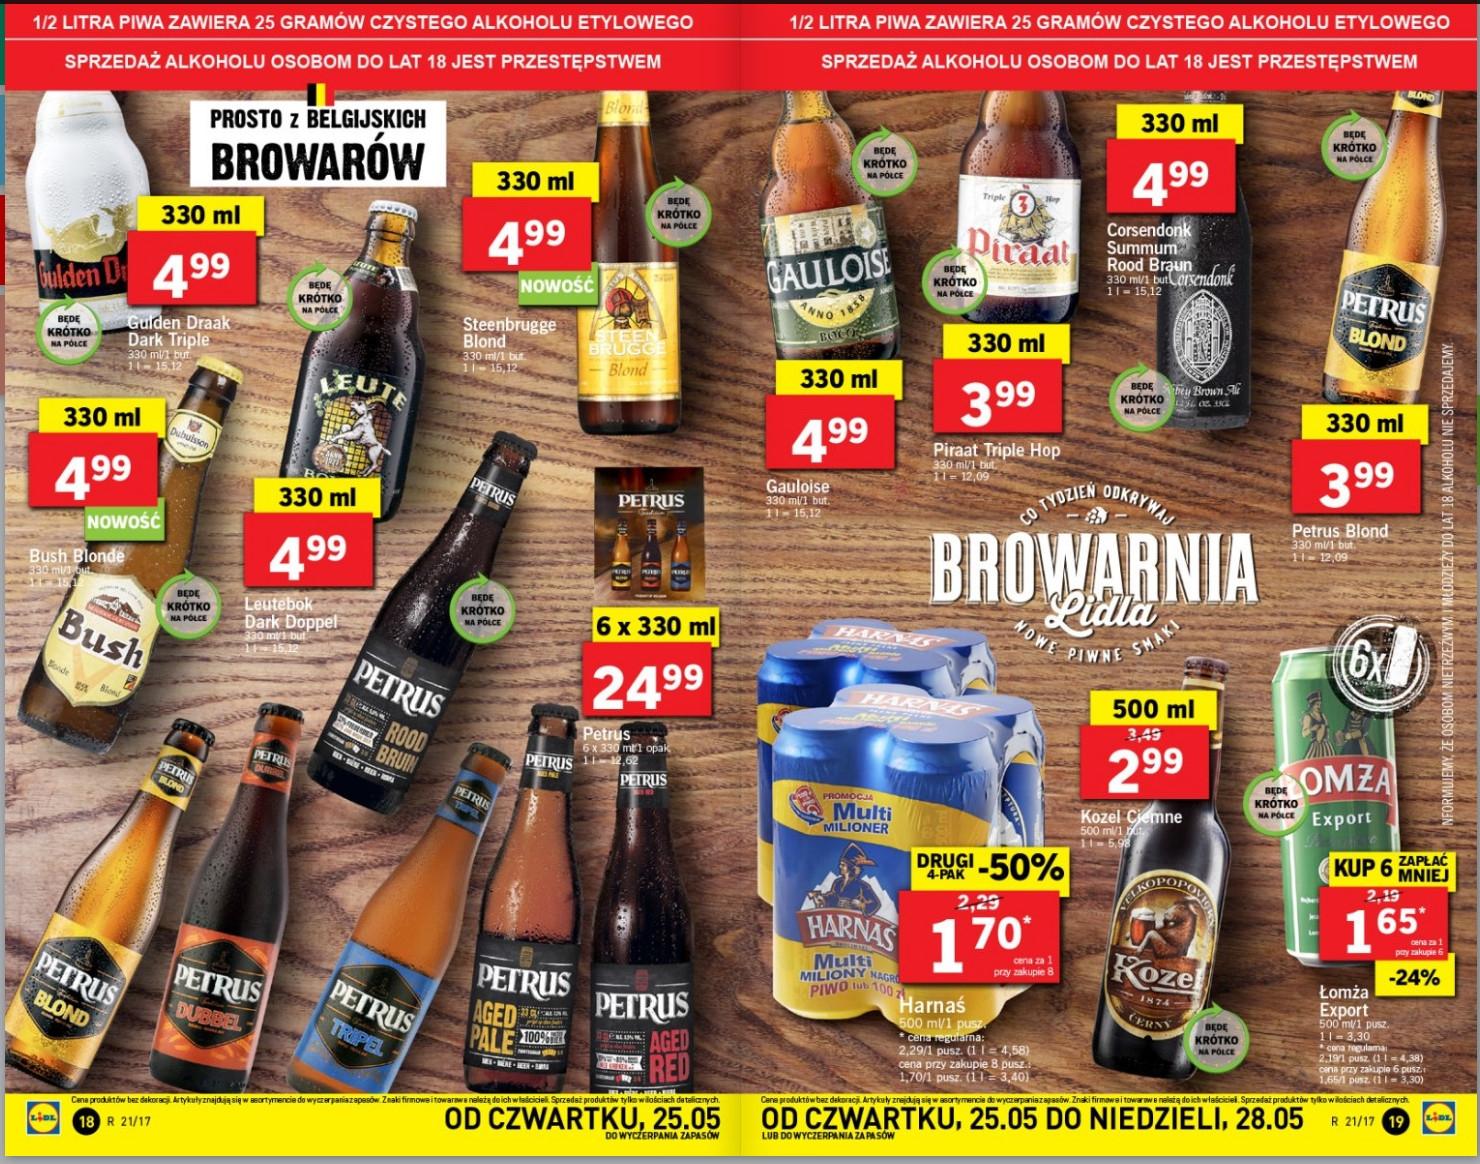 Browarnia Lidla - piwa belgijskie